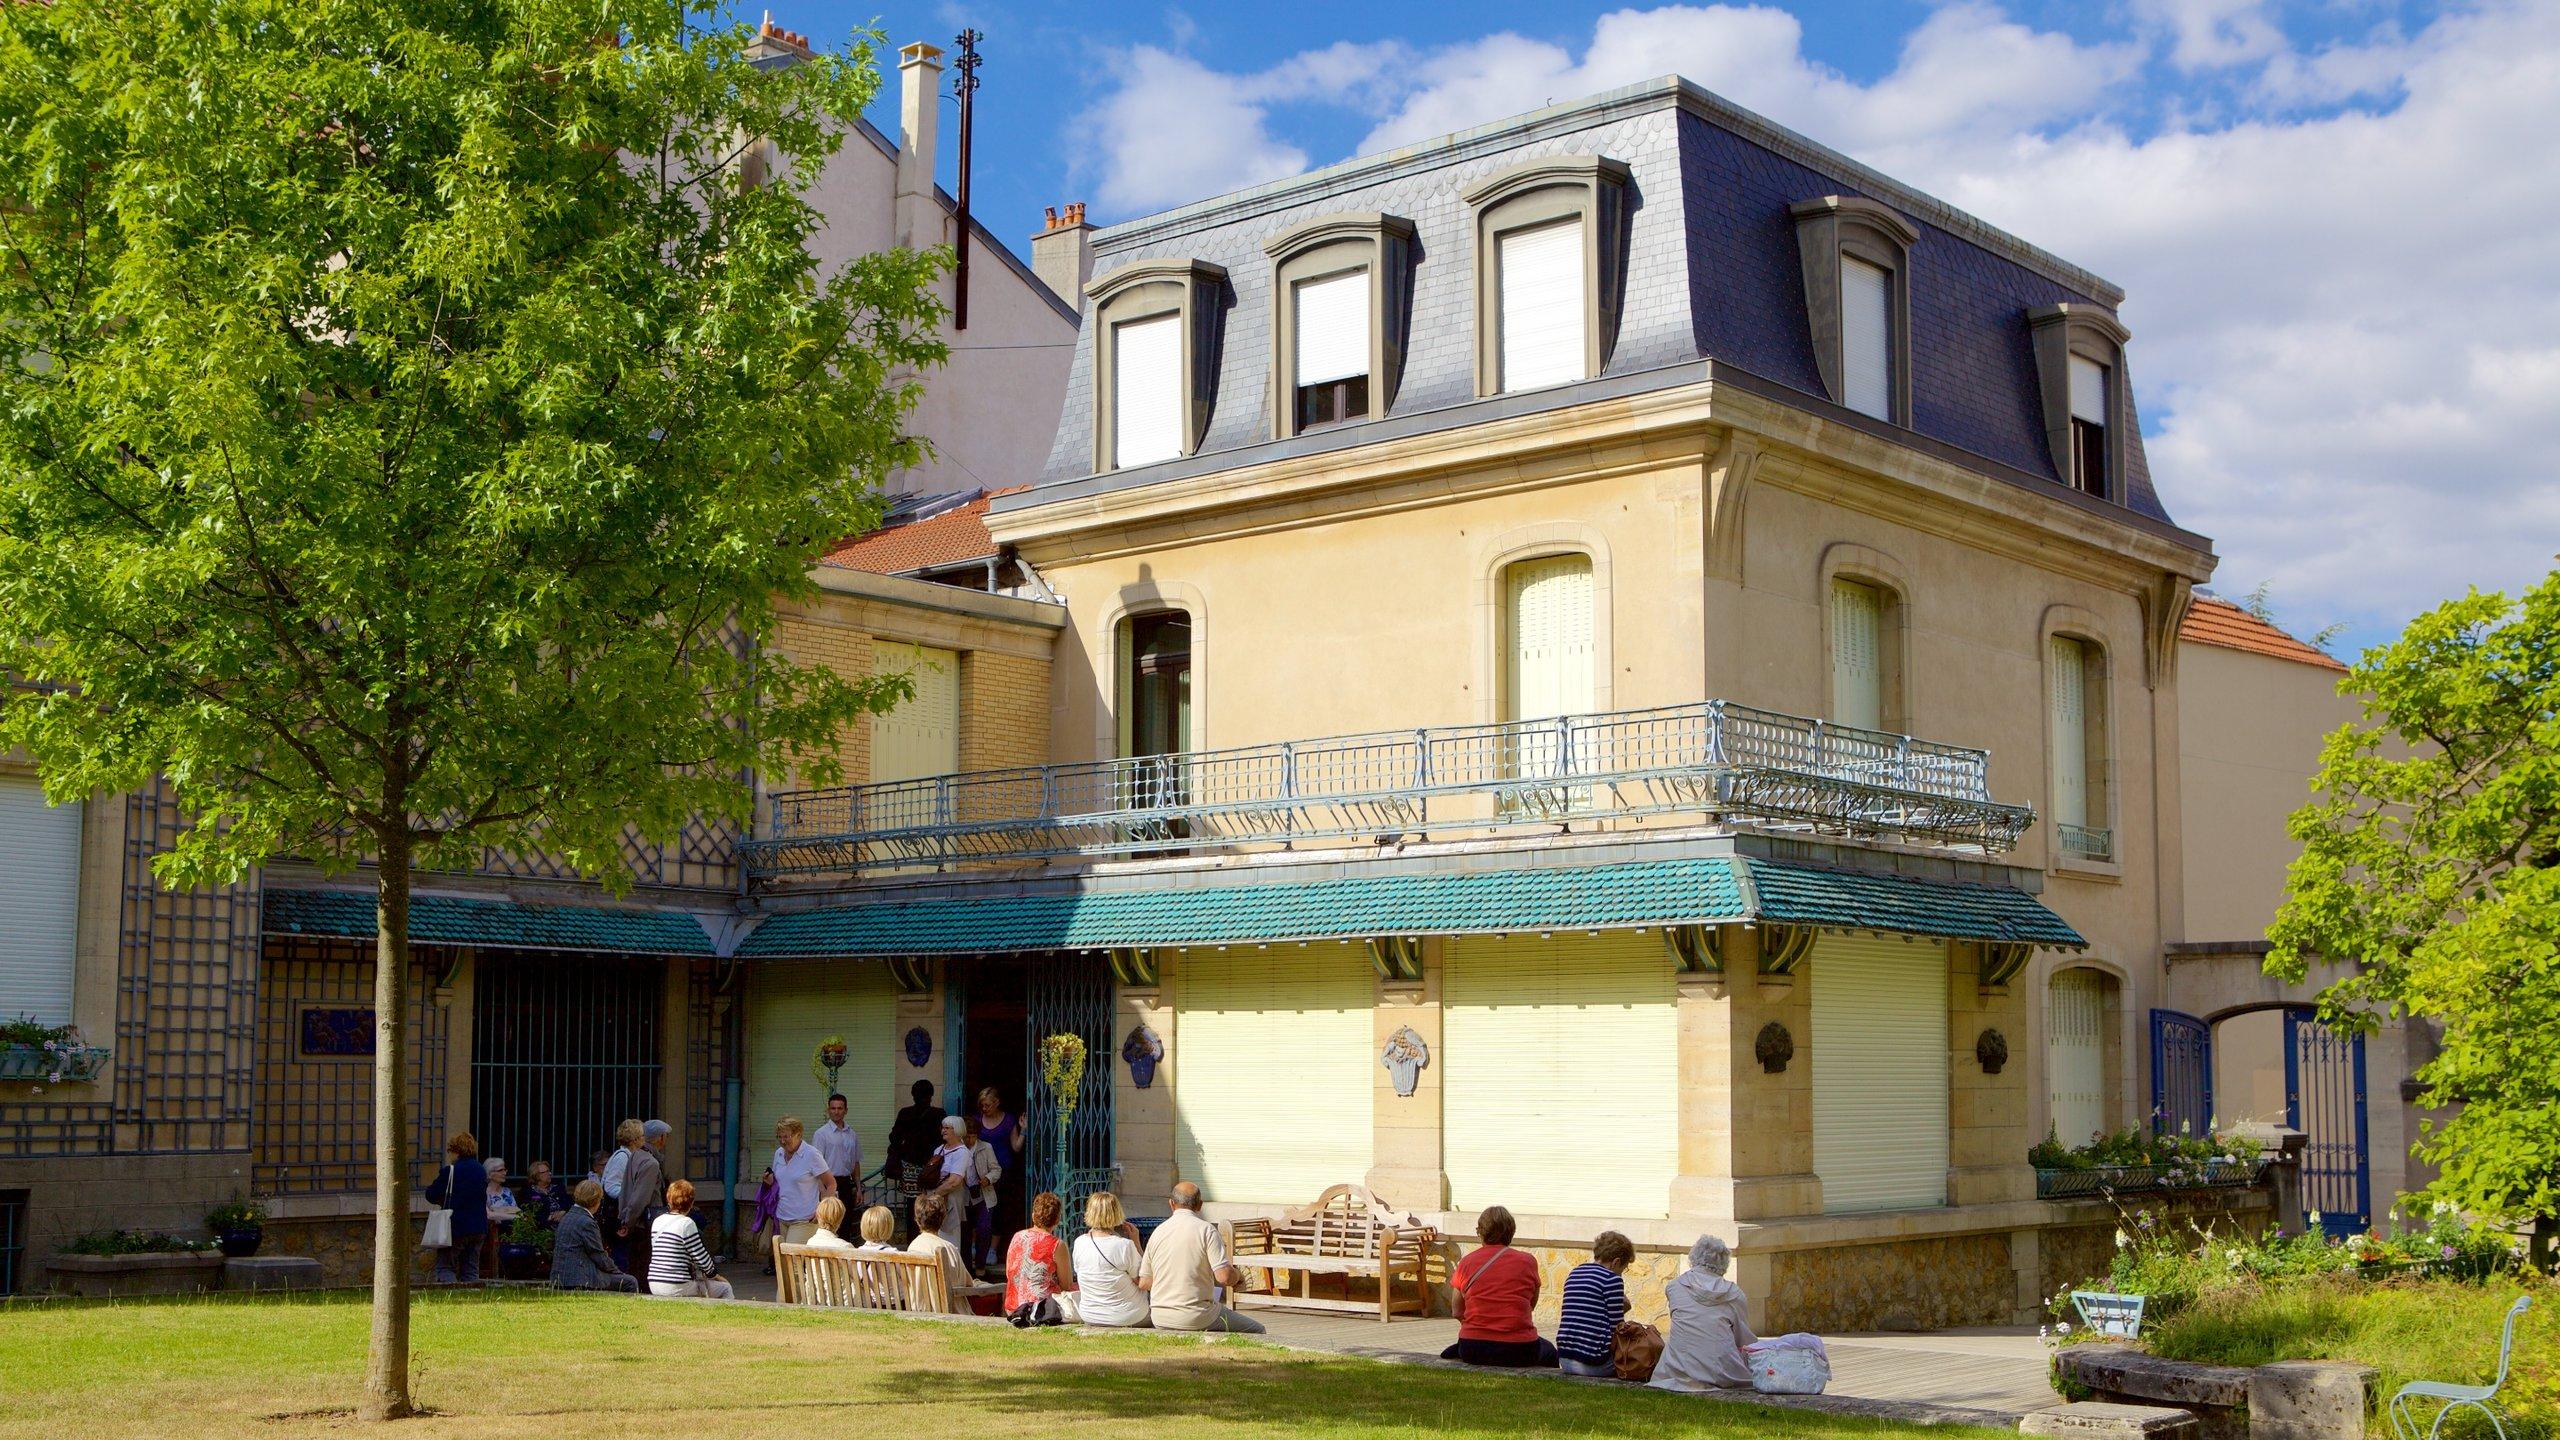 Musee de l'Ecole de Nancy, Nancy, Meurthe-et-Moselle (Department), Frankreich